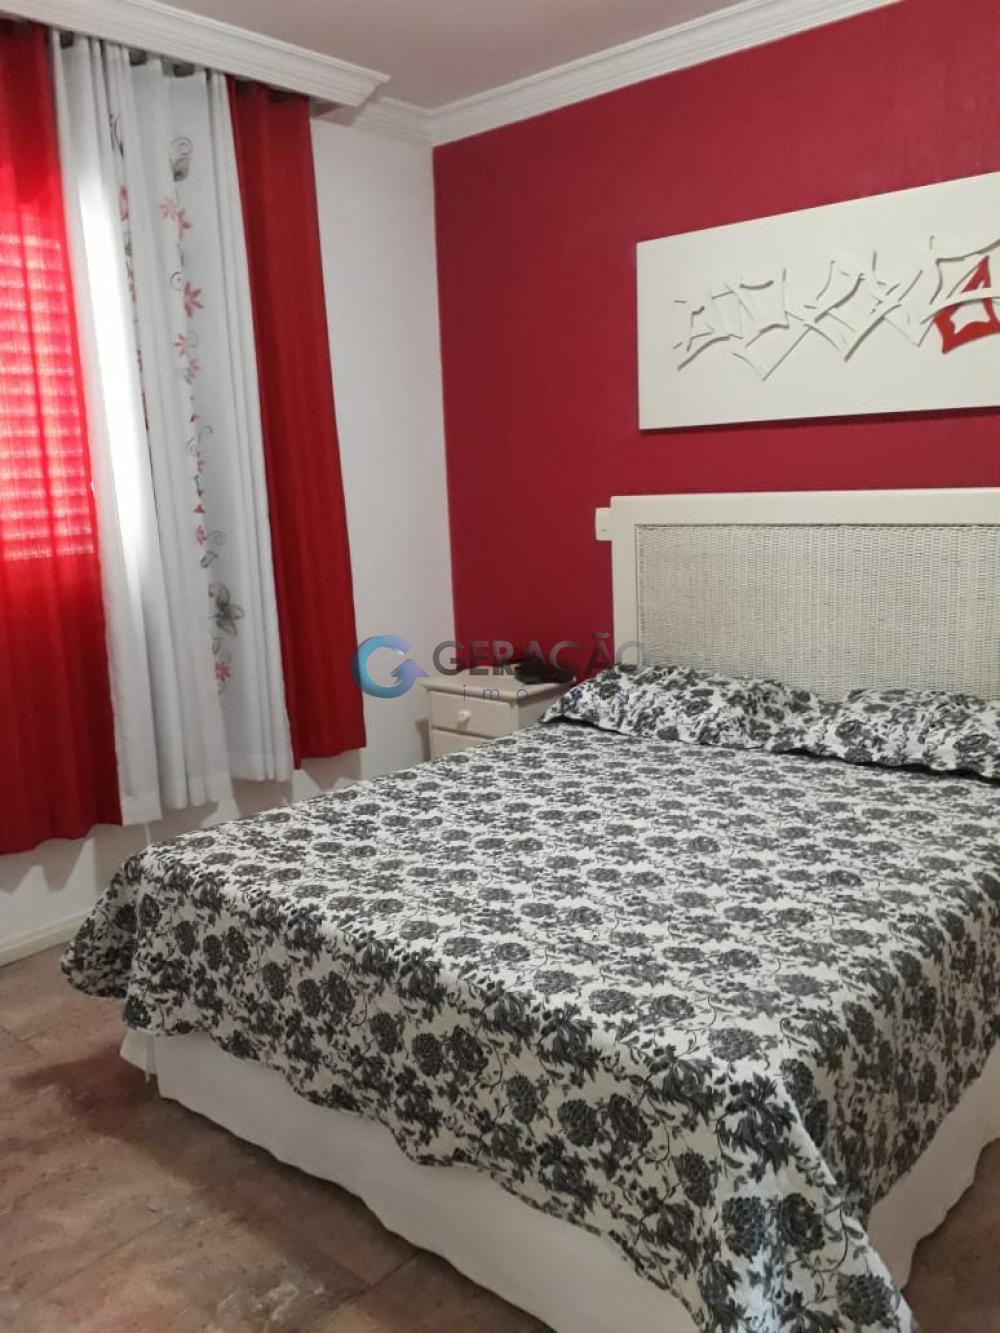 Comprar Apartamento / Padrão em São José dos Campos apenas R$ 670.000,00 - Foto 12